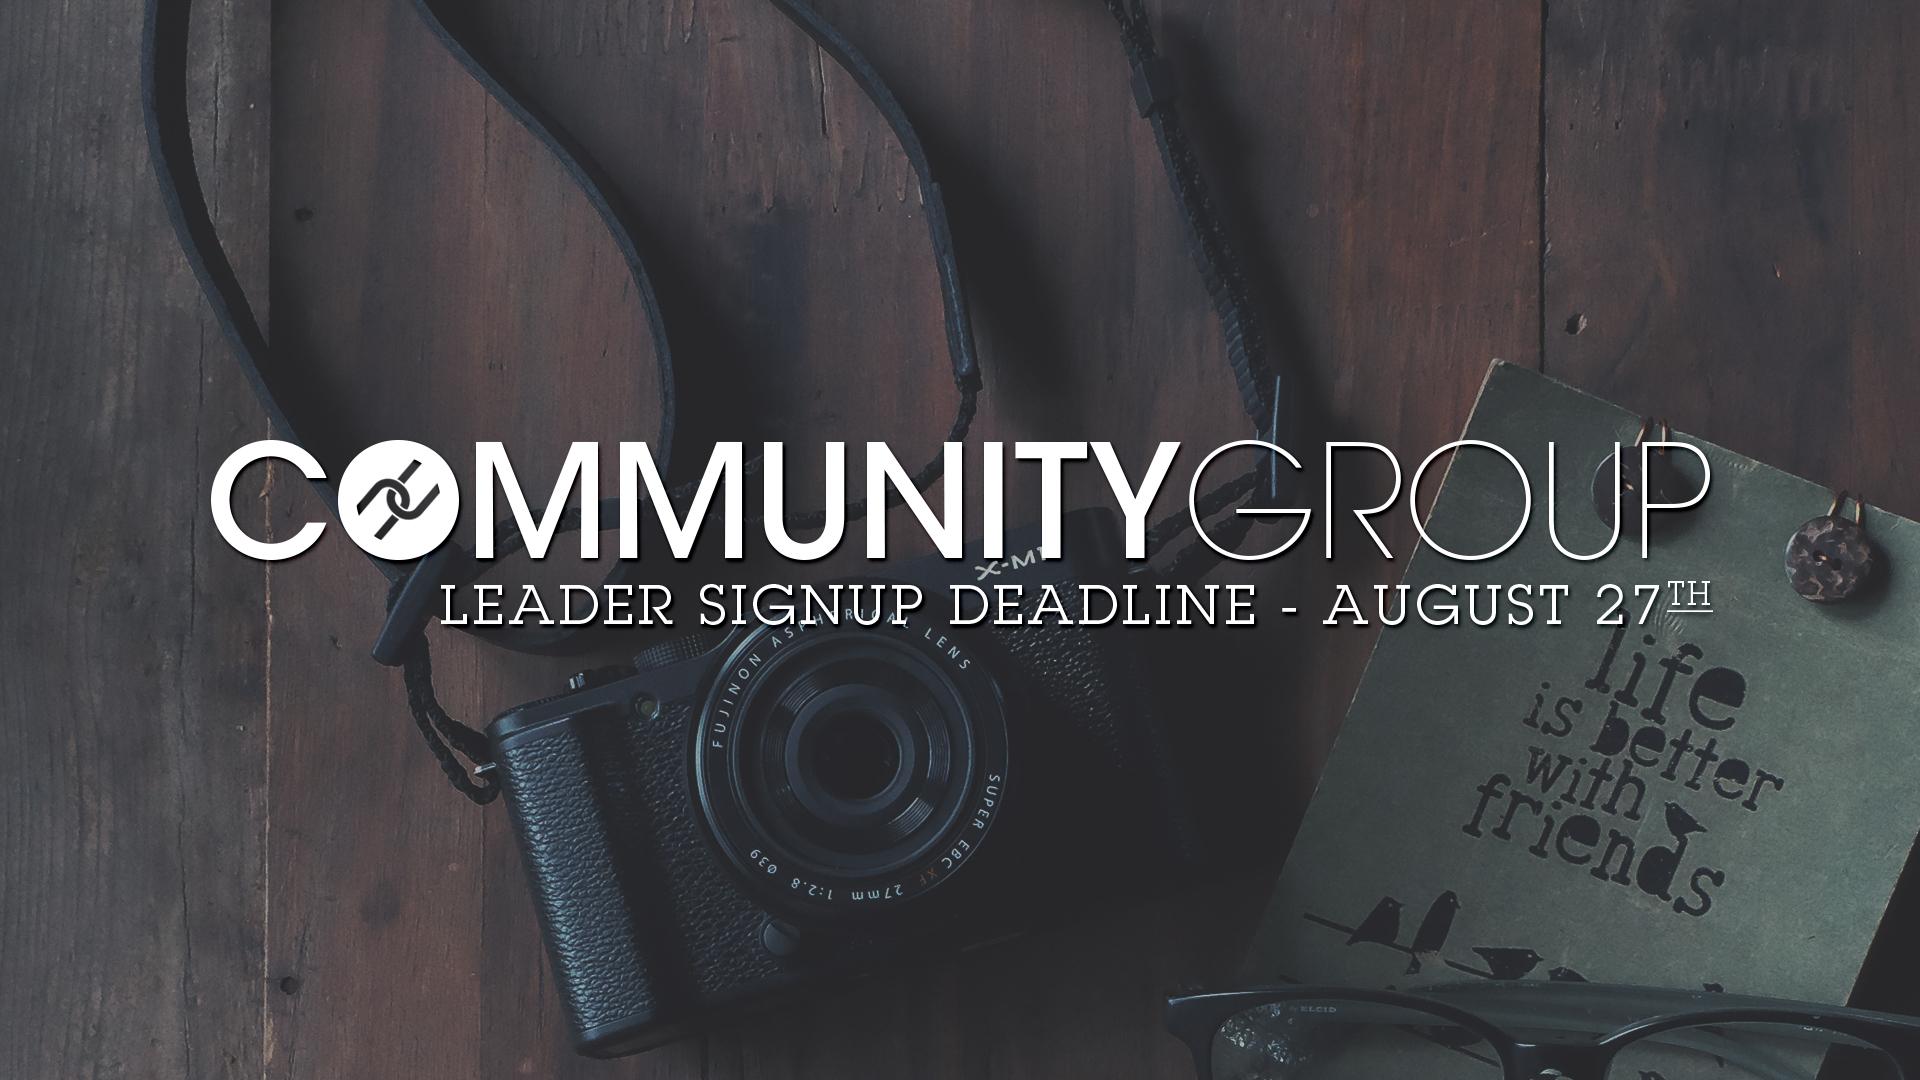 Community-Group-Leader-Signup-Deadline.jpg